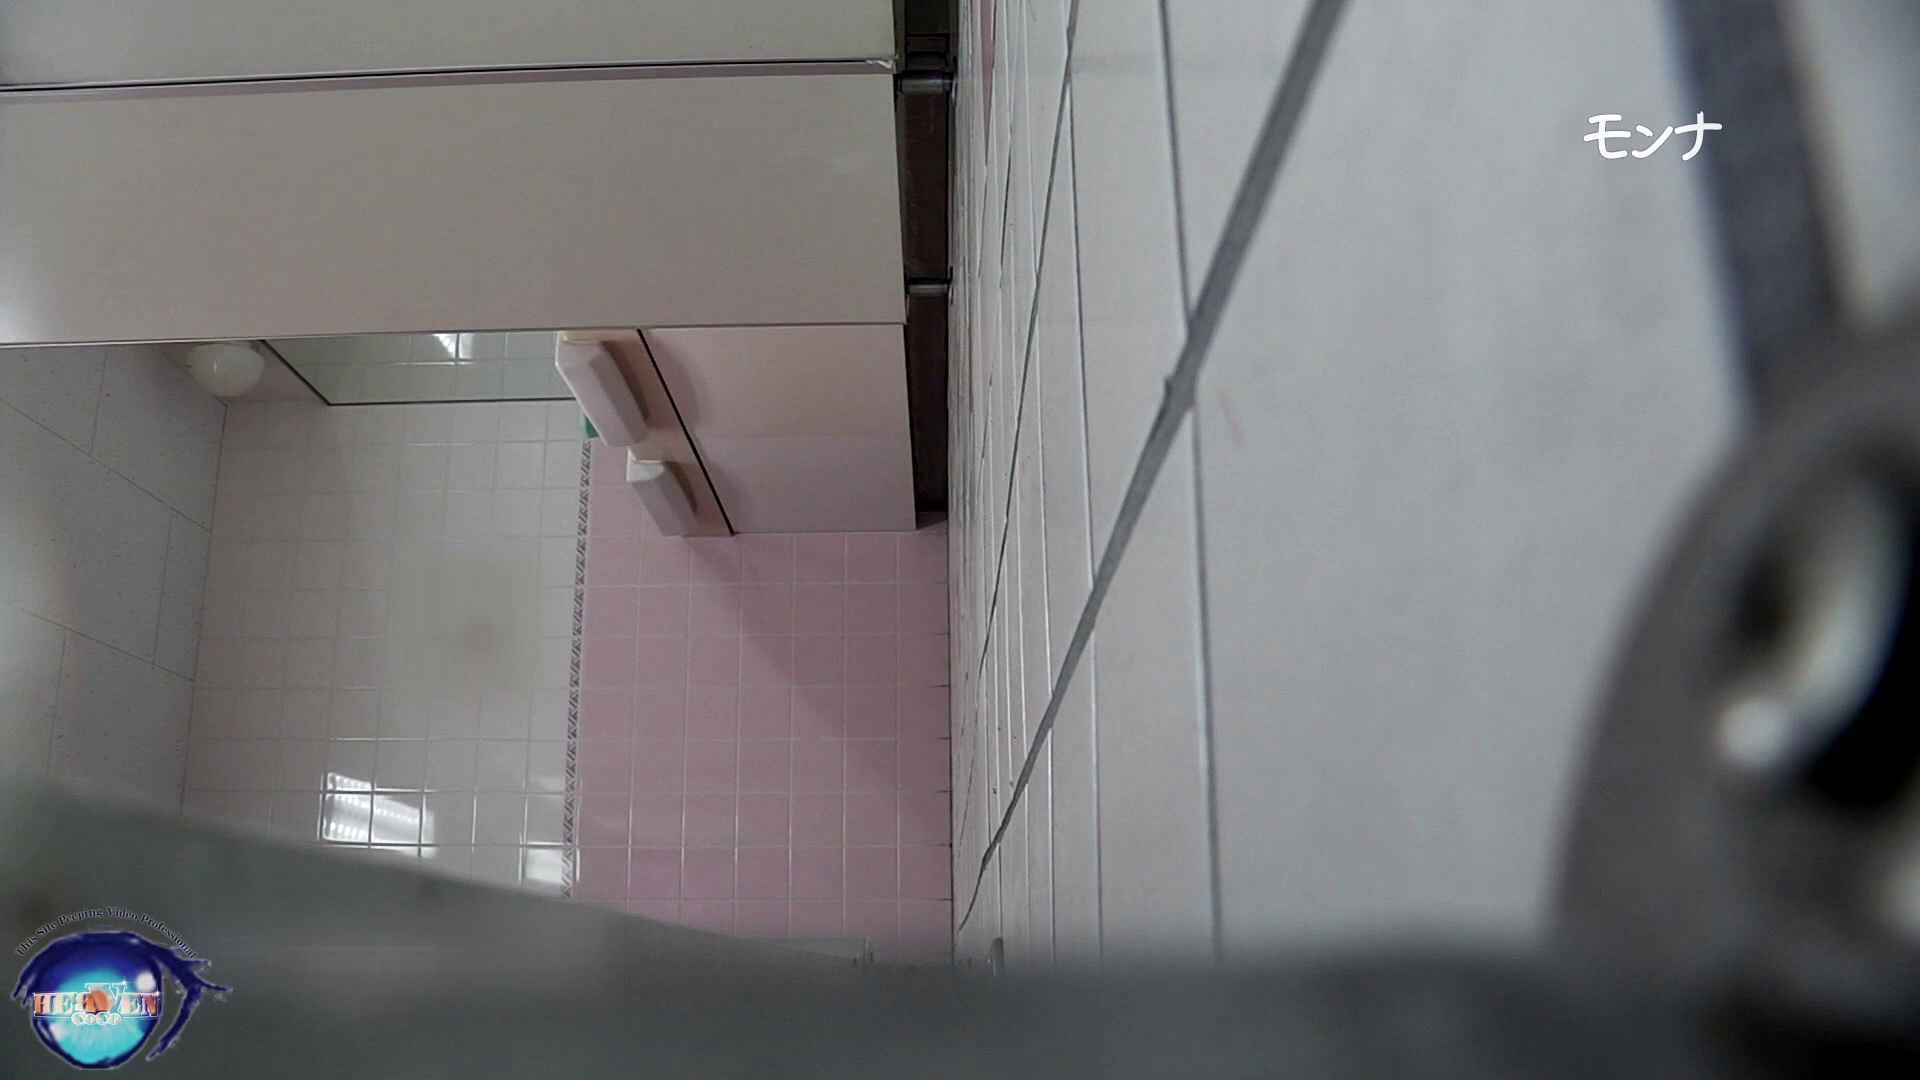 【美しい日本の未来】美しい日本の未来 No.108 前編 盗撮特集   おまんこ  58画像 1